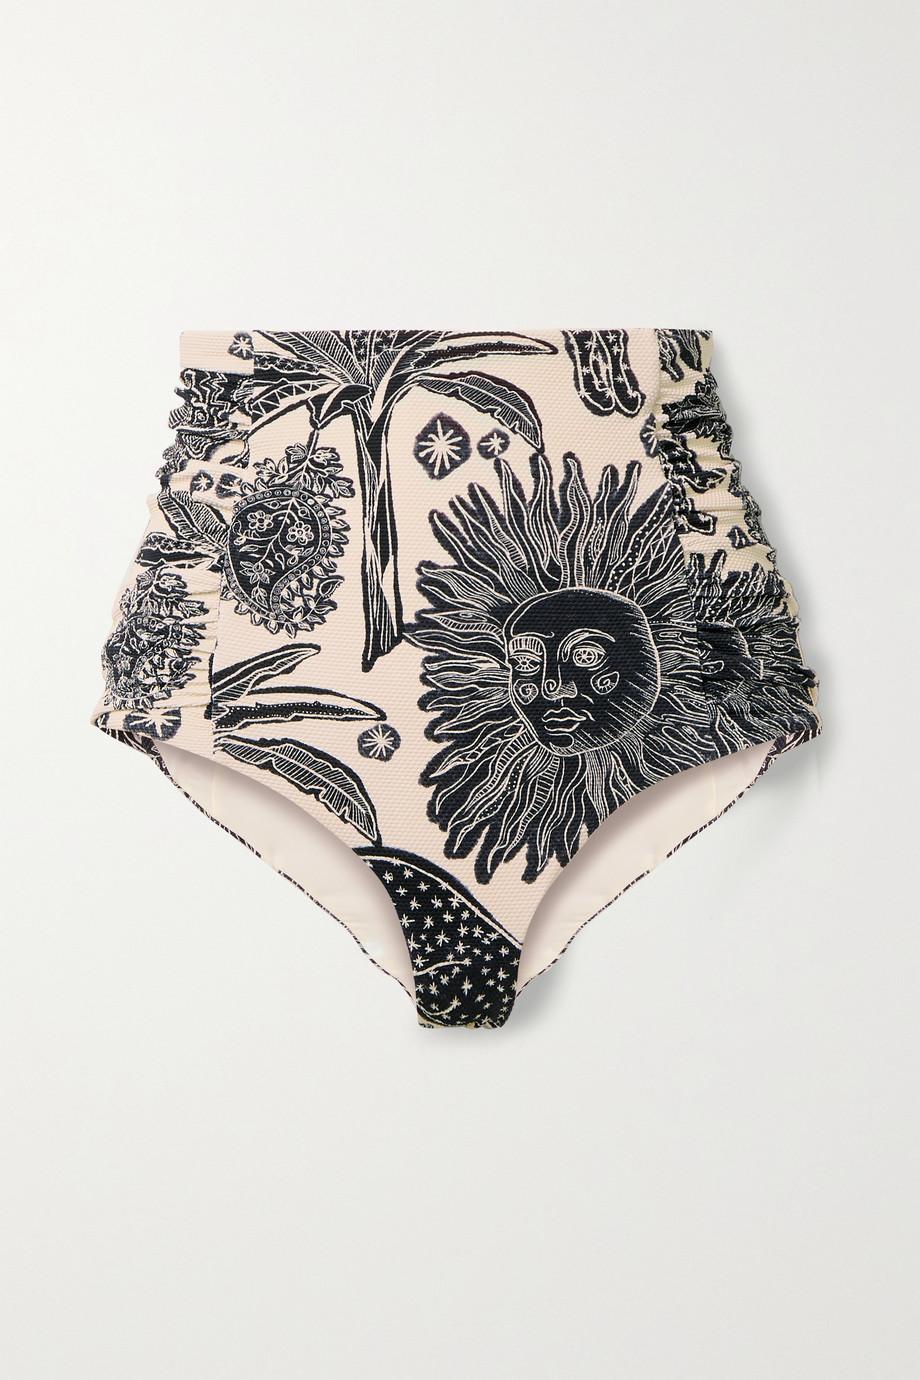 Johanna Ortiz + NET SUSTAIN Pommel ruched printed textured bikini briefs